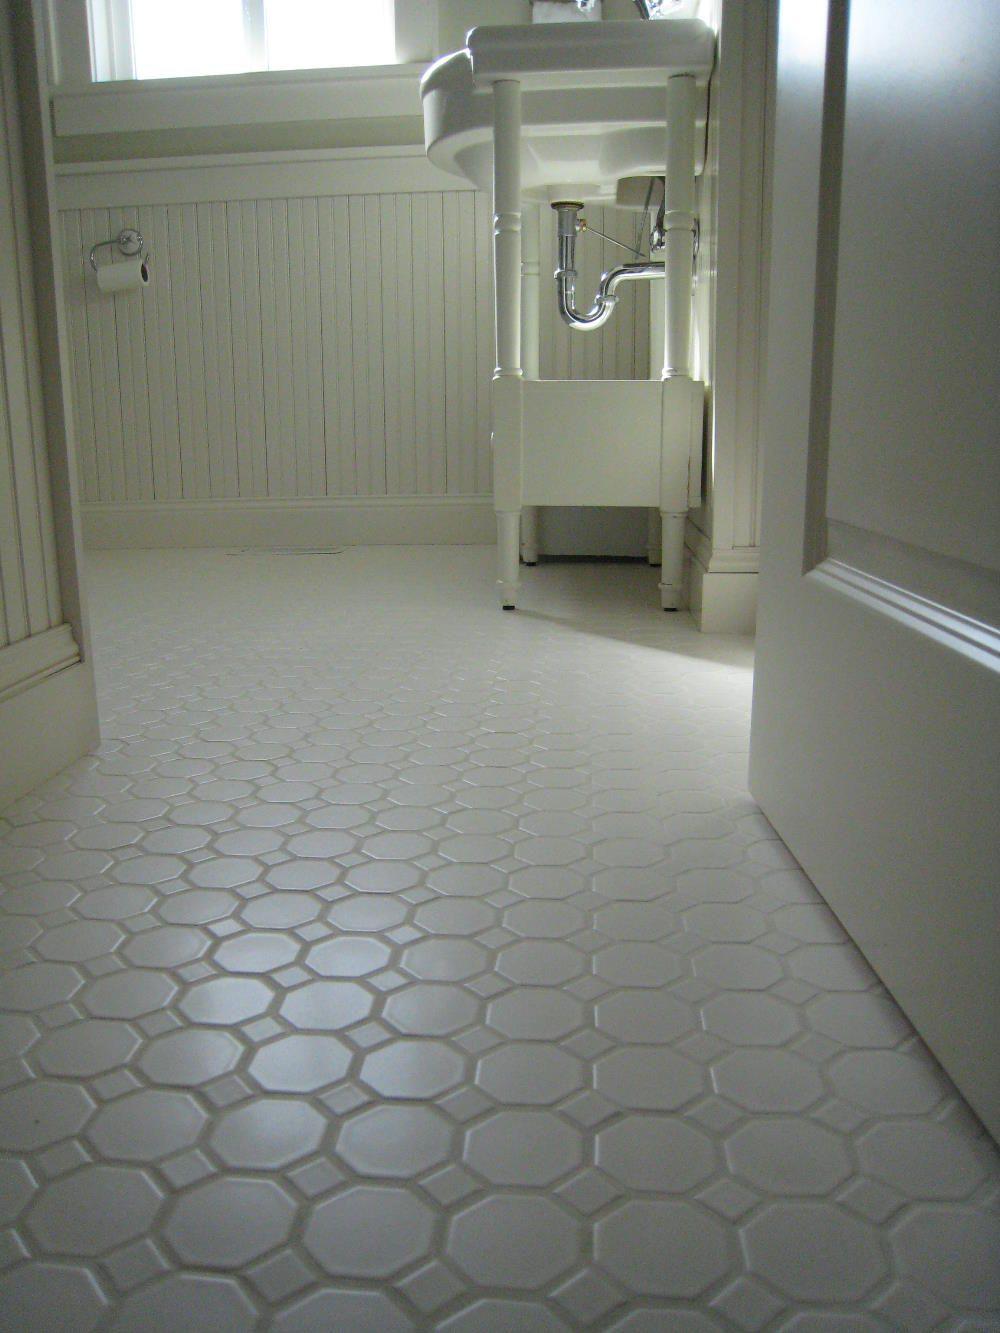 White porcelian, hexagon floor tile shown installed. The